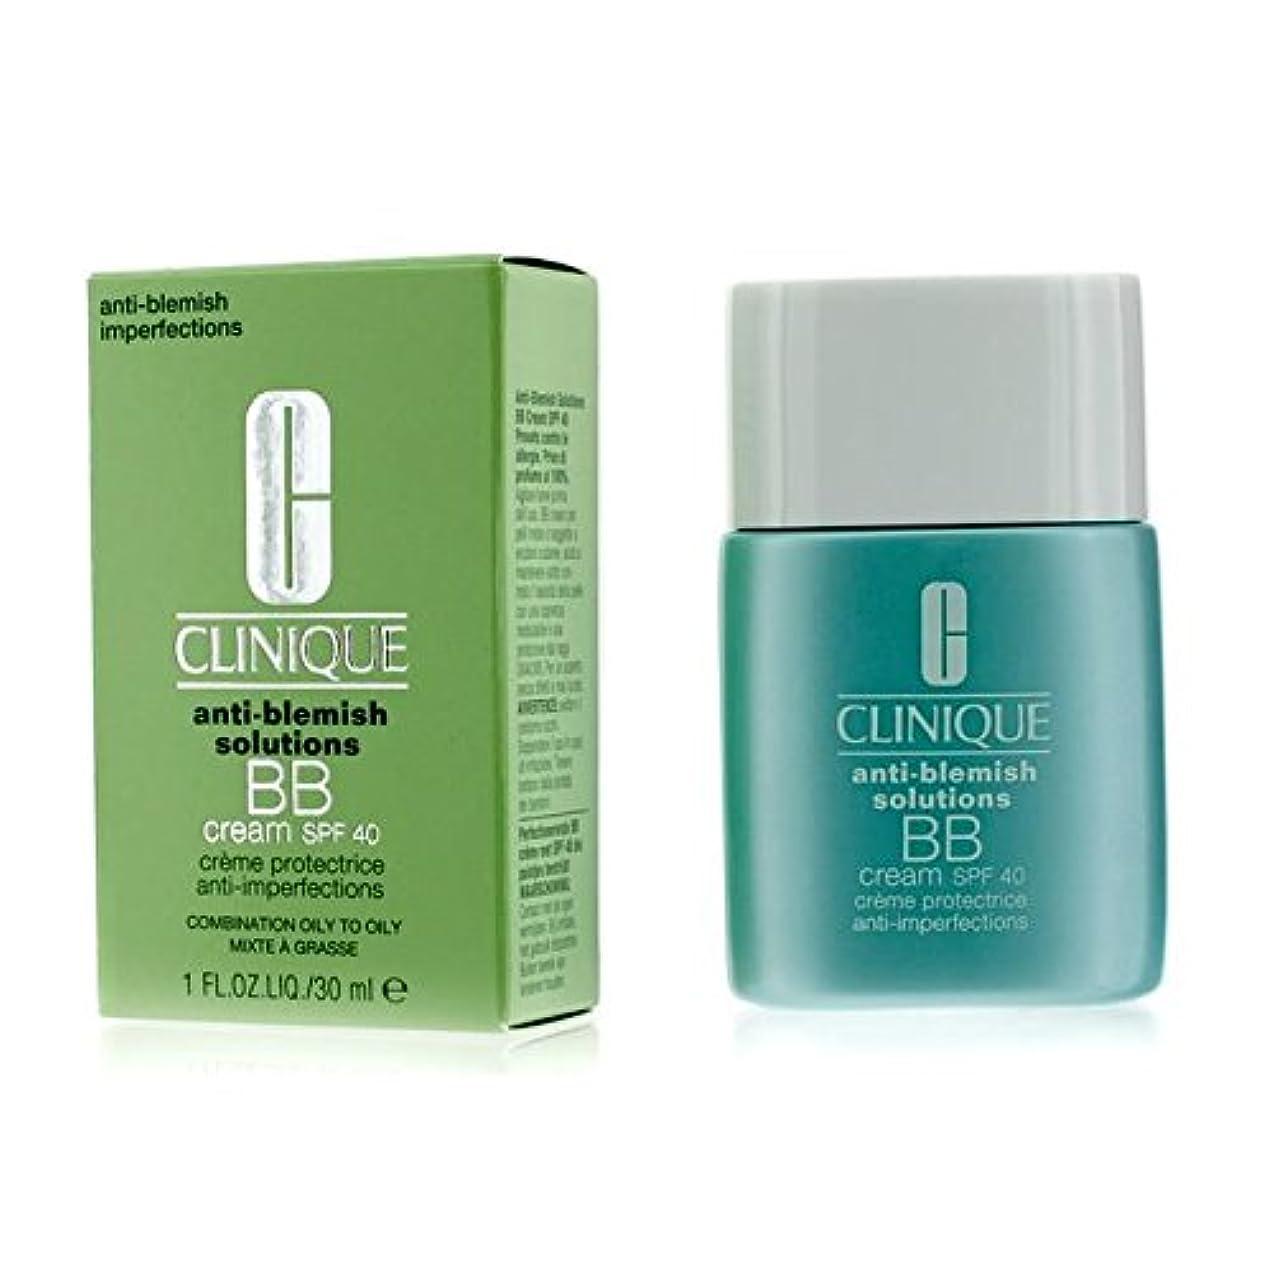 湿ったわがまま演劇クリニーク Anti-Blemish Solutions BB Cream SPF 40 - Medium Deep (Combination Oily to Oily) 30ml/1oz並行輸入品